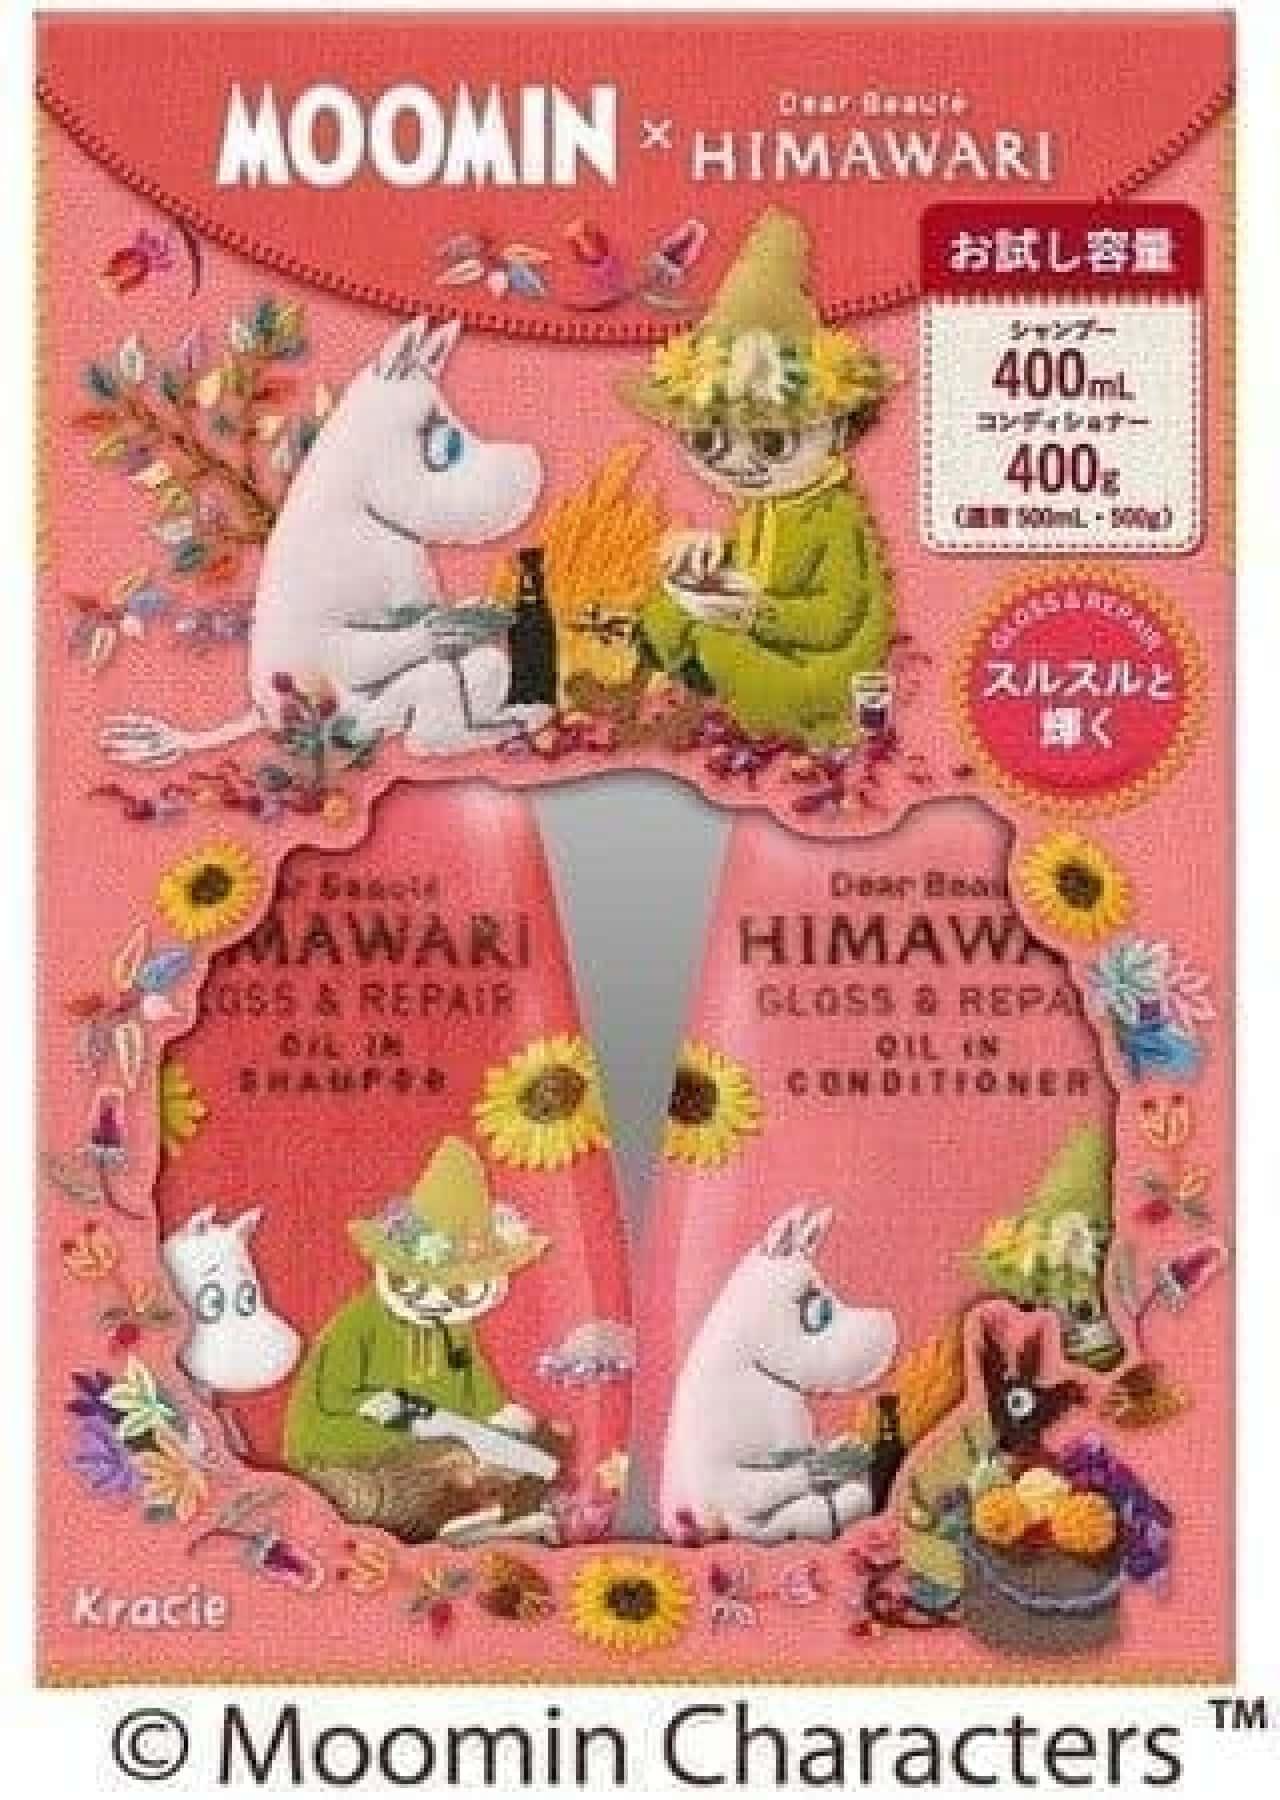 ディアボーテHIMAWARI「グロス&リペア」の「ムーミン刺繍デザイン」オイルインシャンプー&オイルインコンディショナー